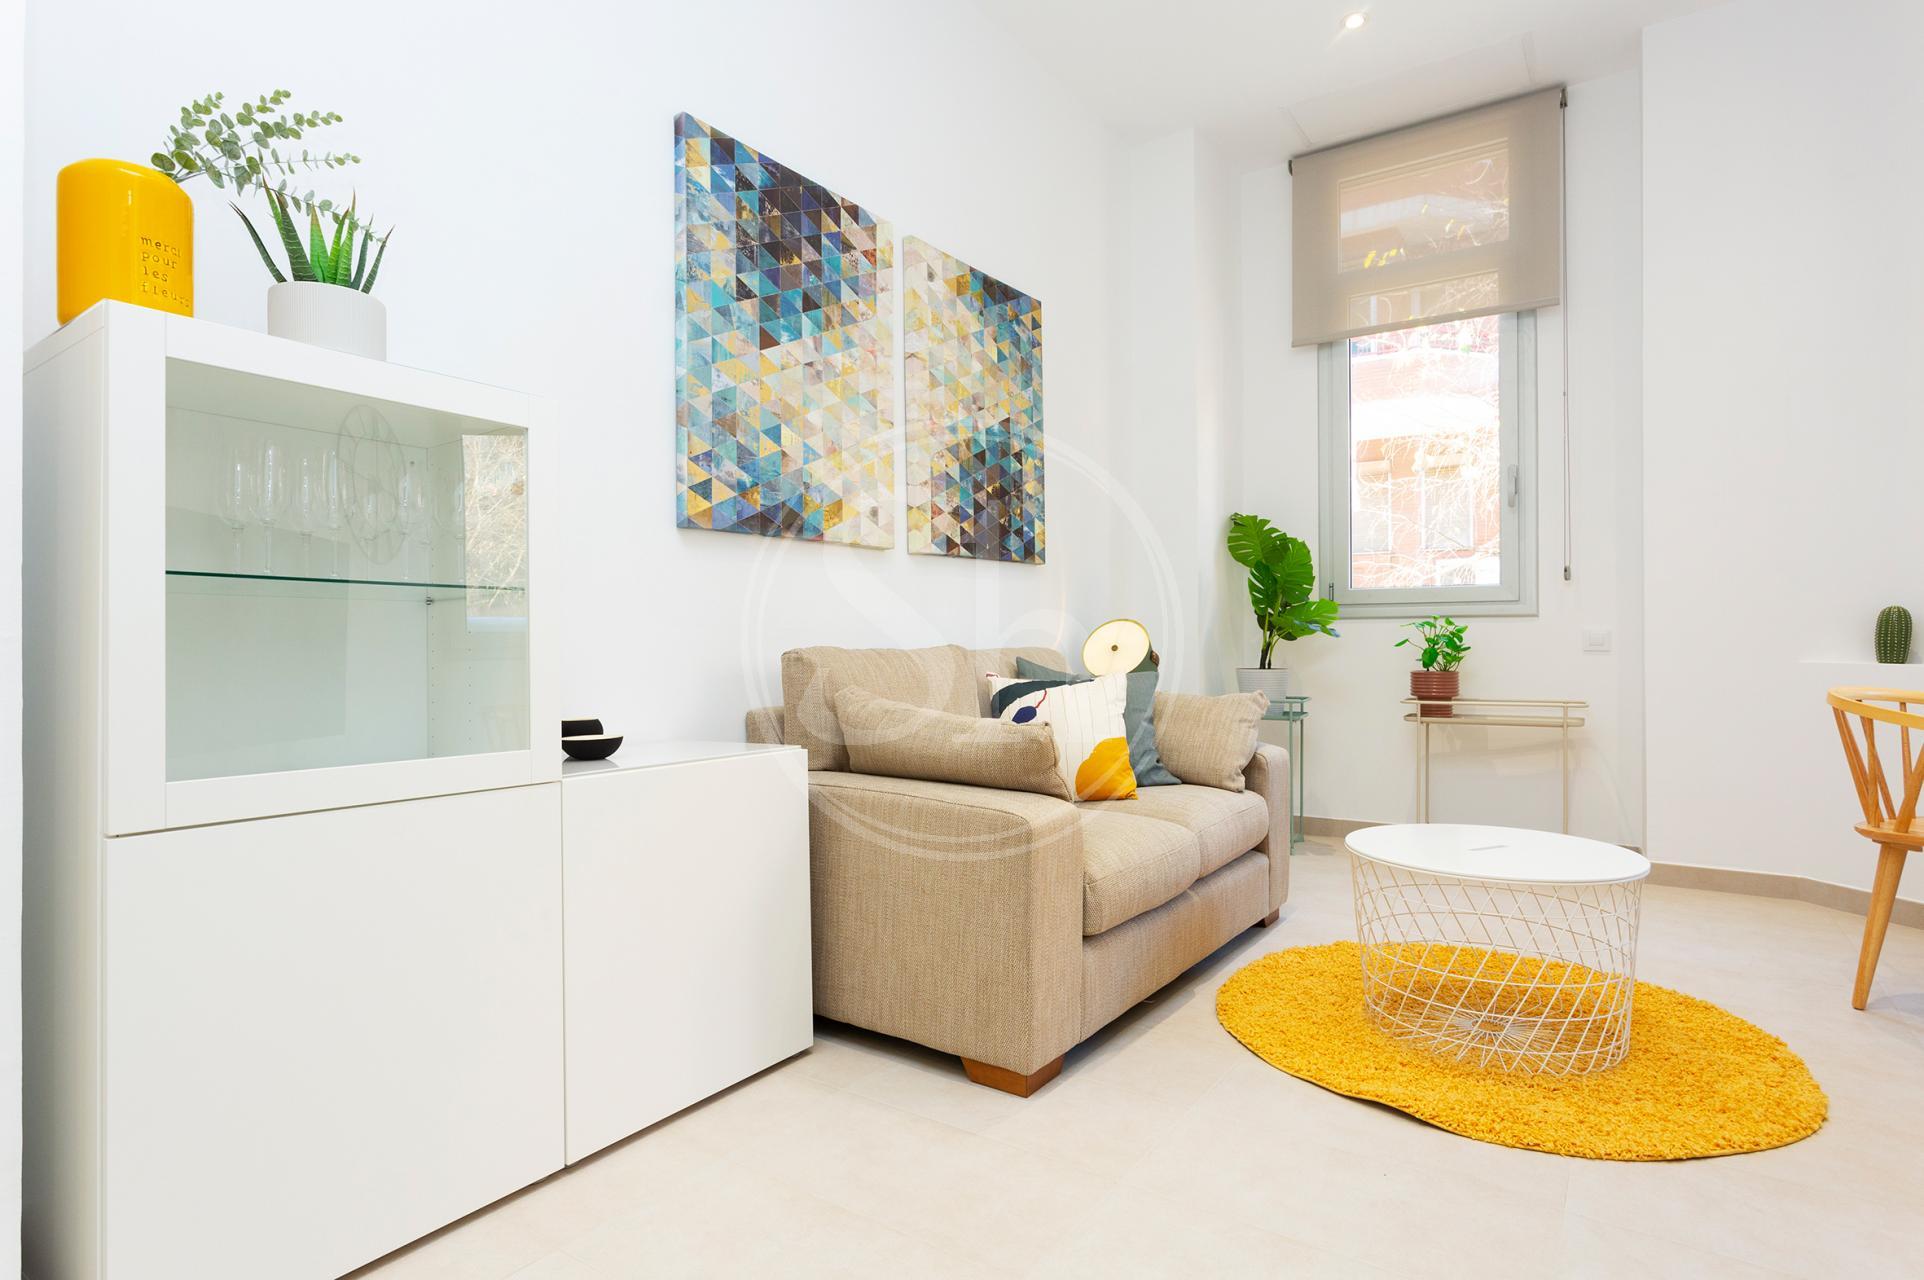 Wohnung zur Miete in Barcelona Juan Bravo - Olzinelles